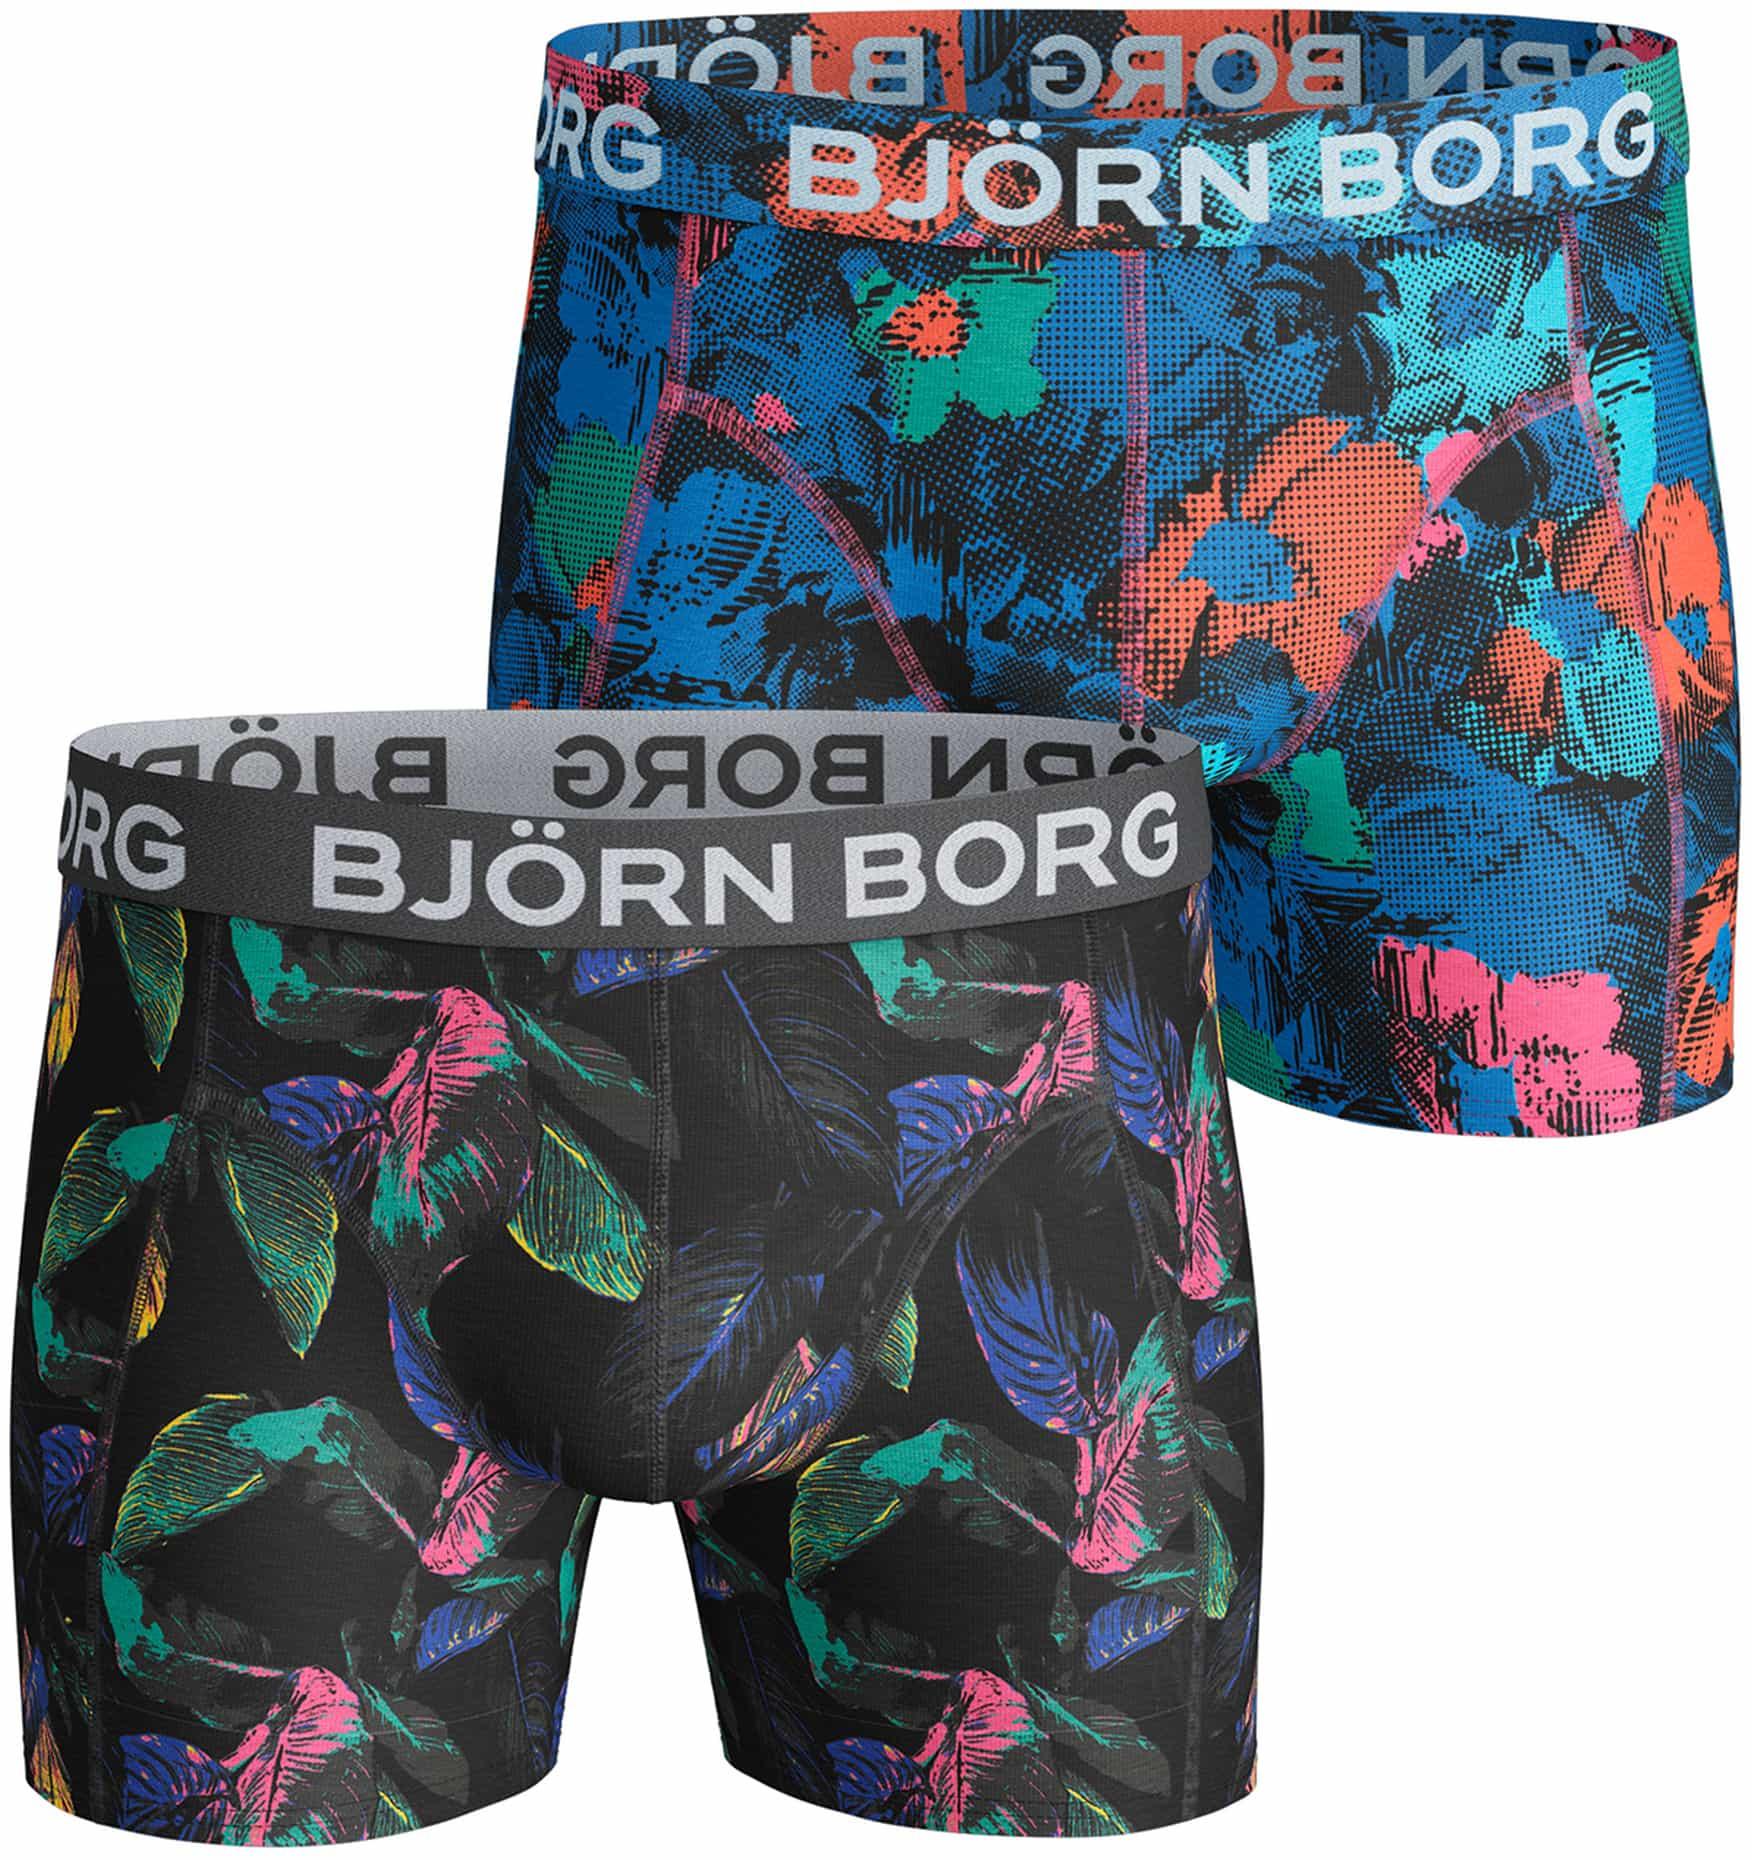 Bjorn Borg Boxers 2-Pack Bloemen foto 0